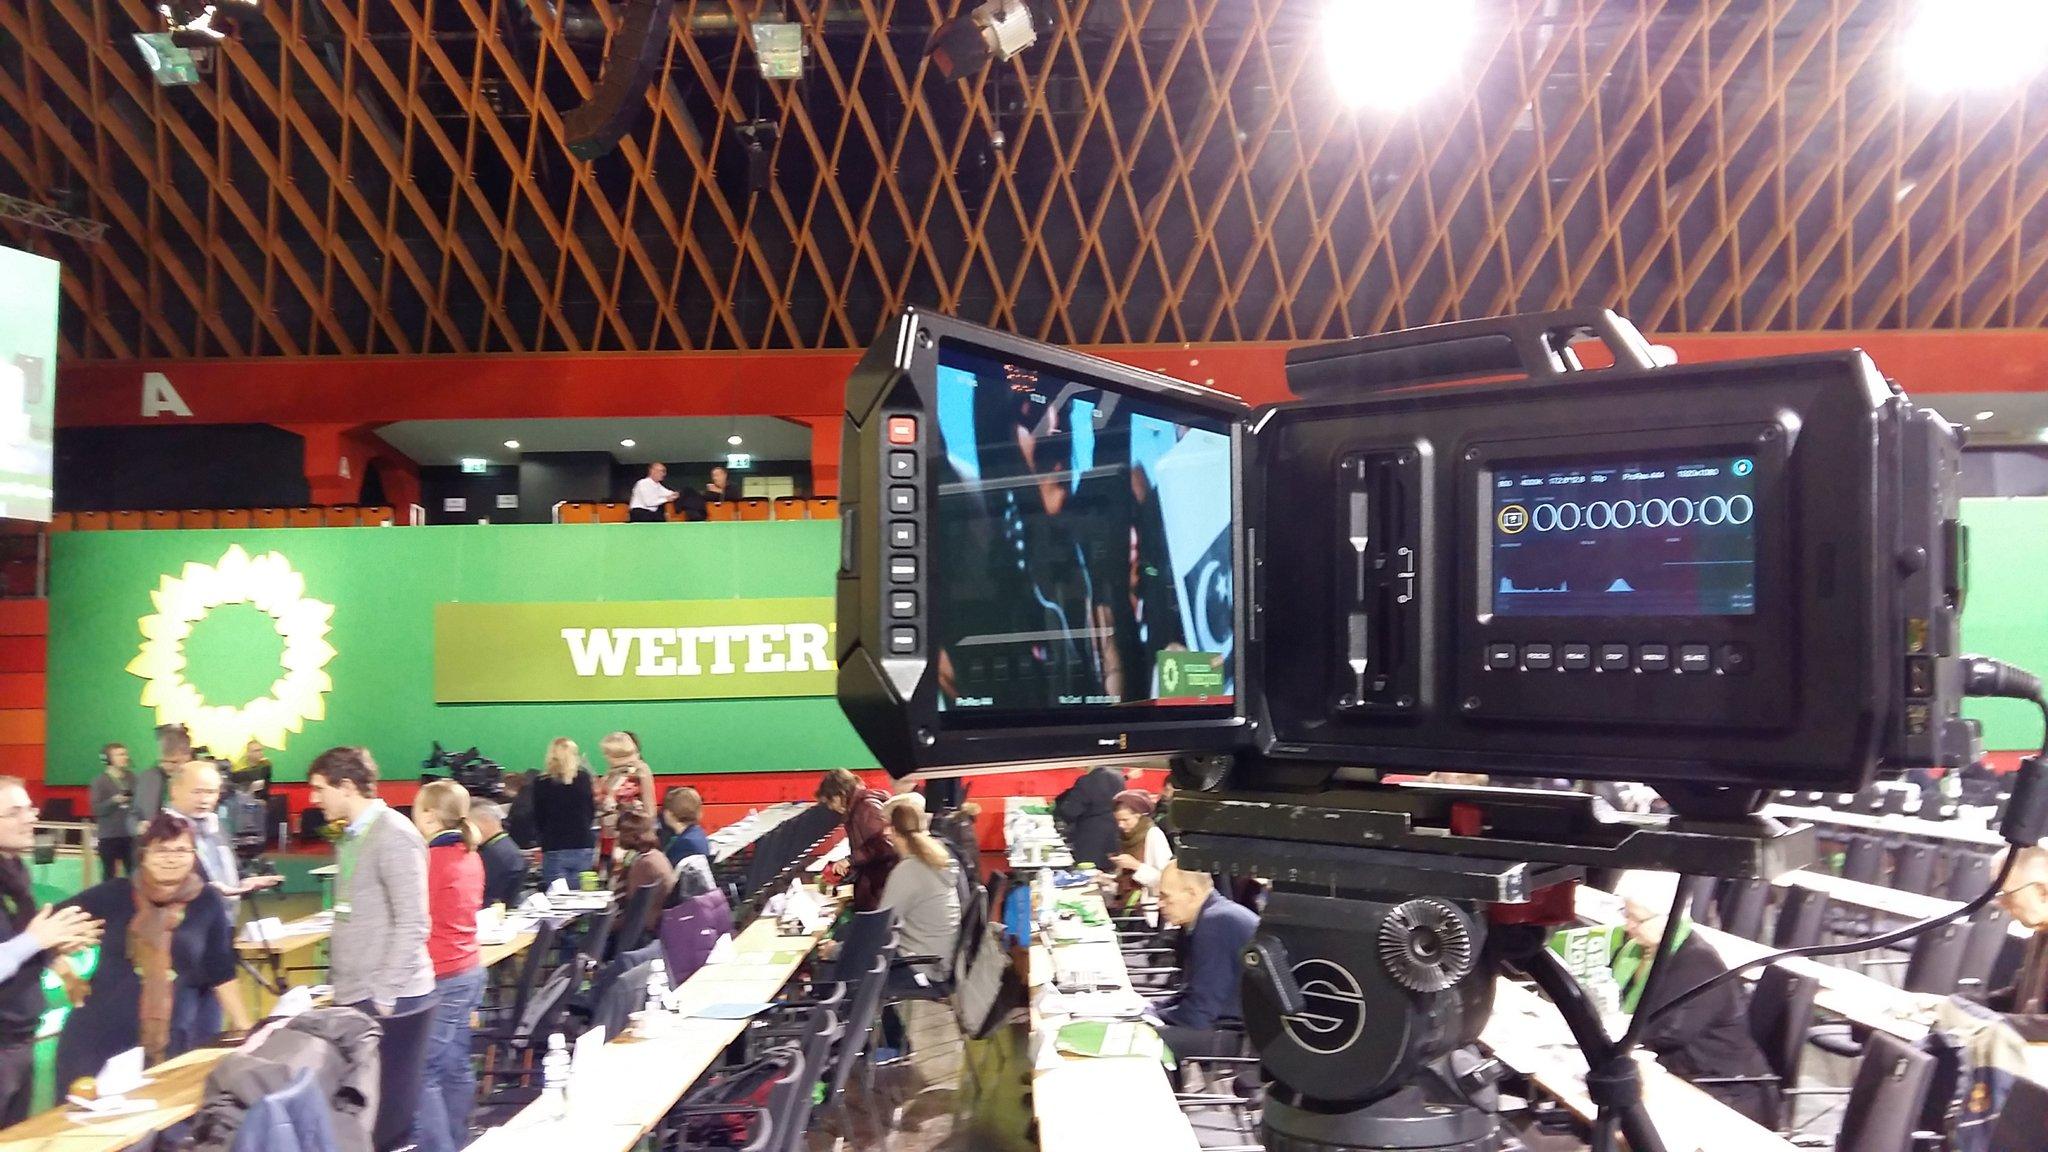 Kamera steht! Weiter geht's! Wir streamen wieder von der #bdk16 https://t.co/1ZYw9Hm7vz